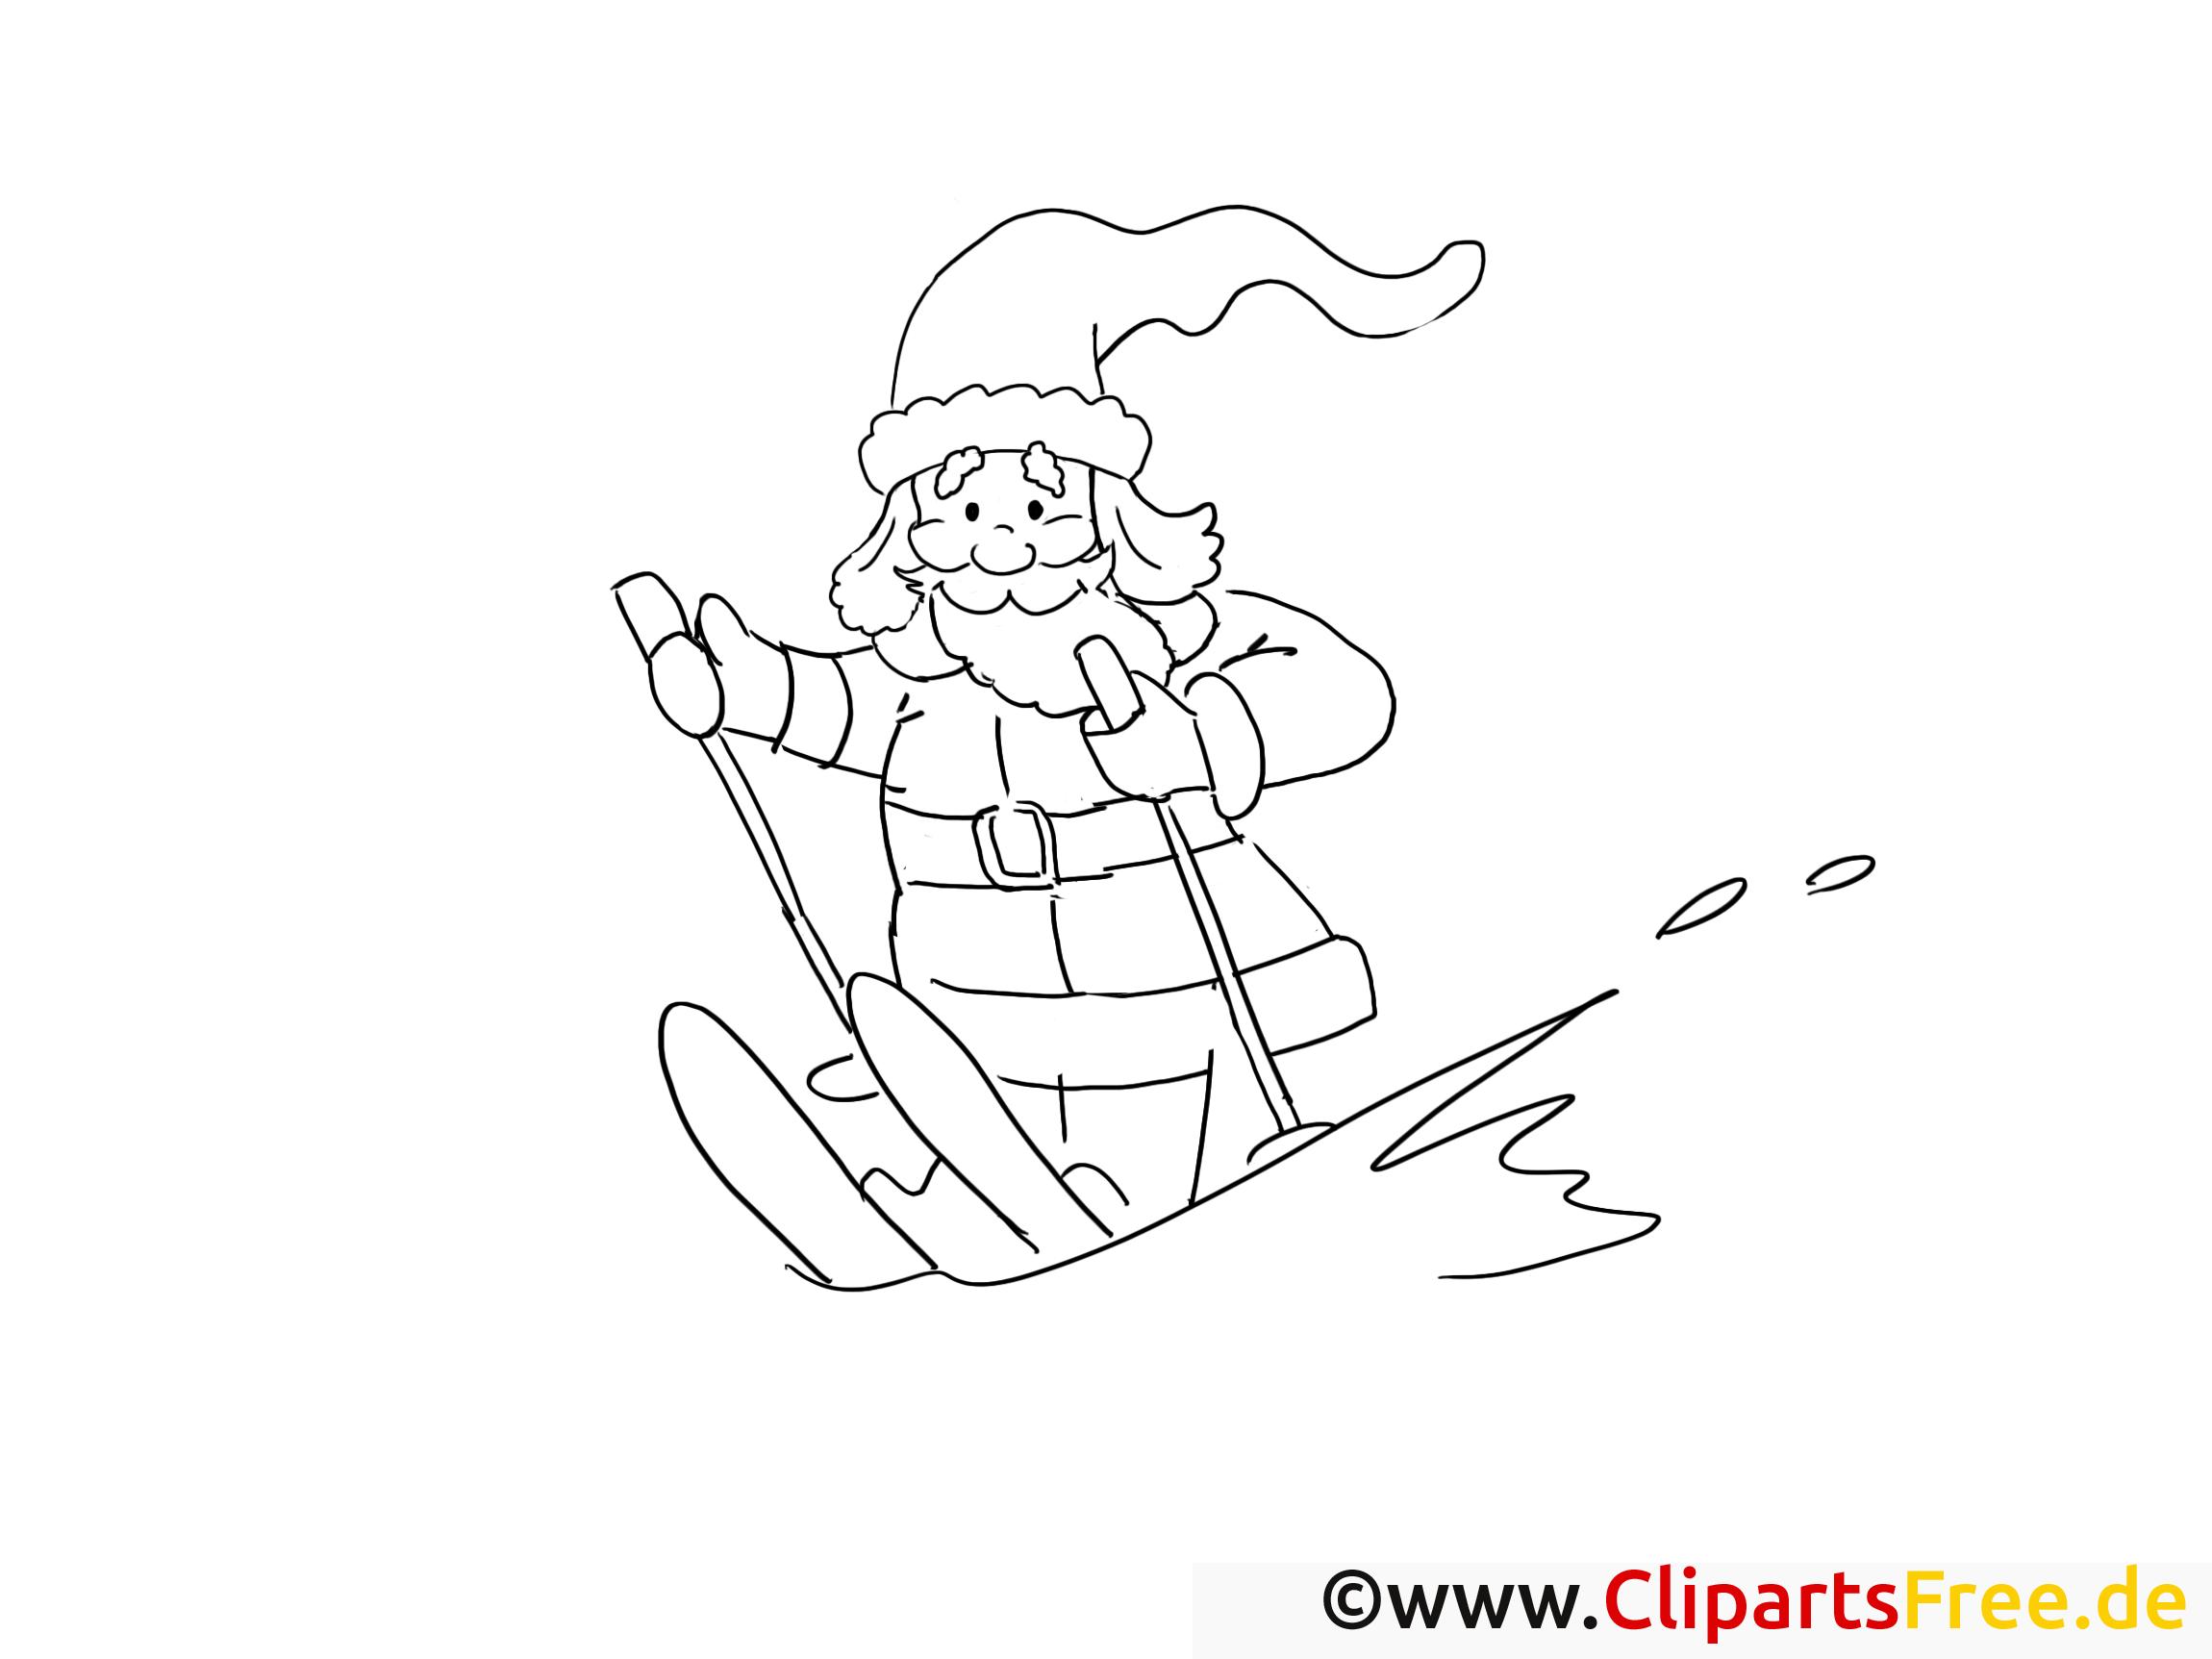 weihnachtsmann auf skiern ausmalbilder gratis für kinder